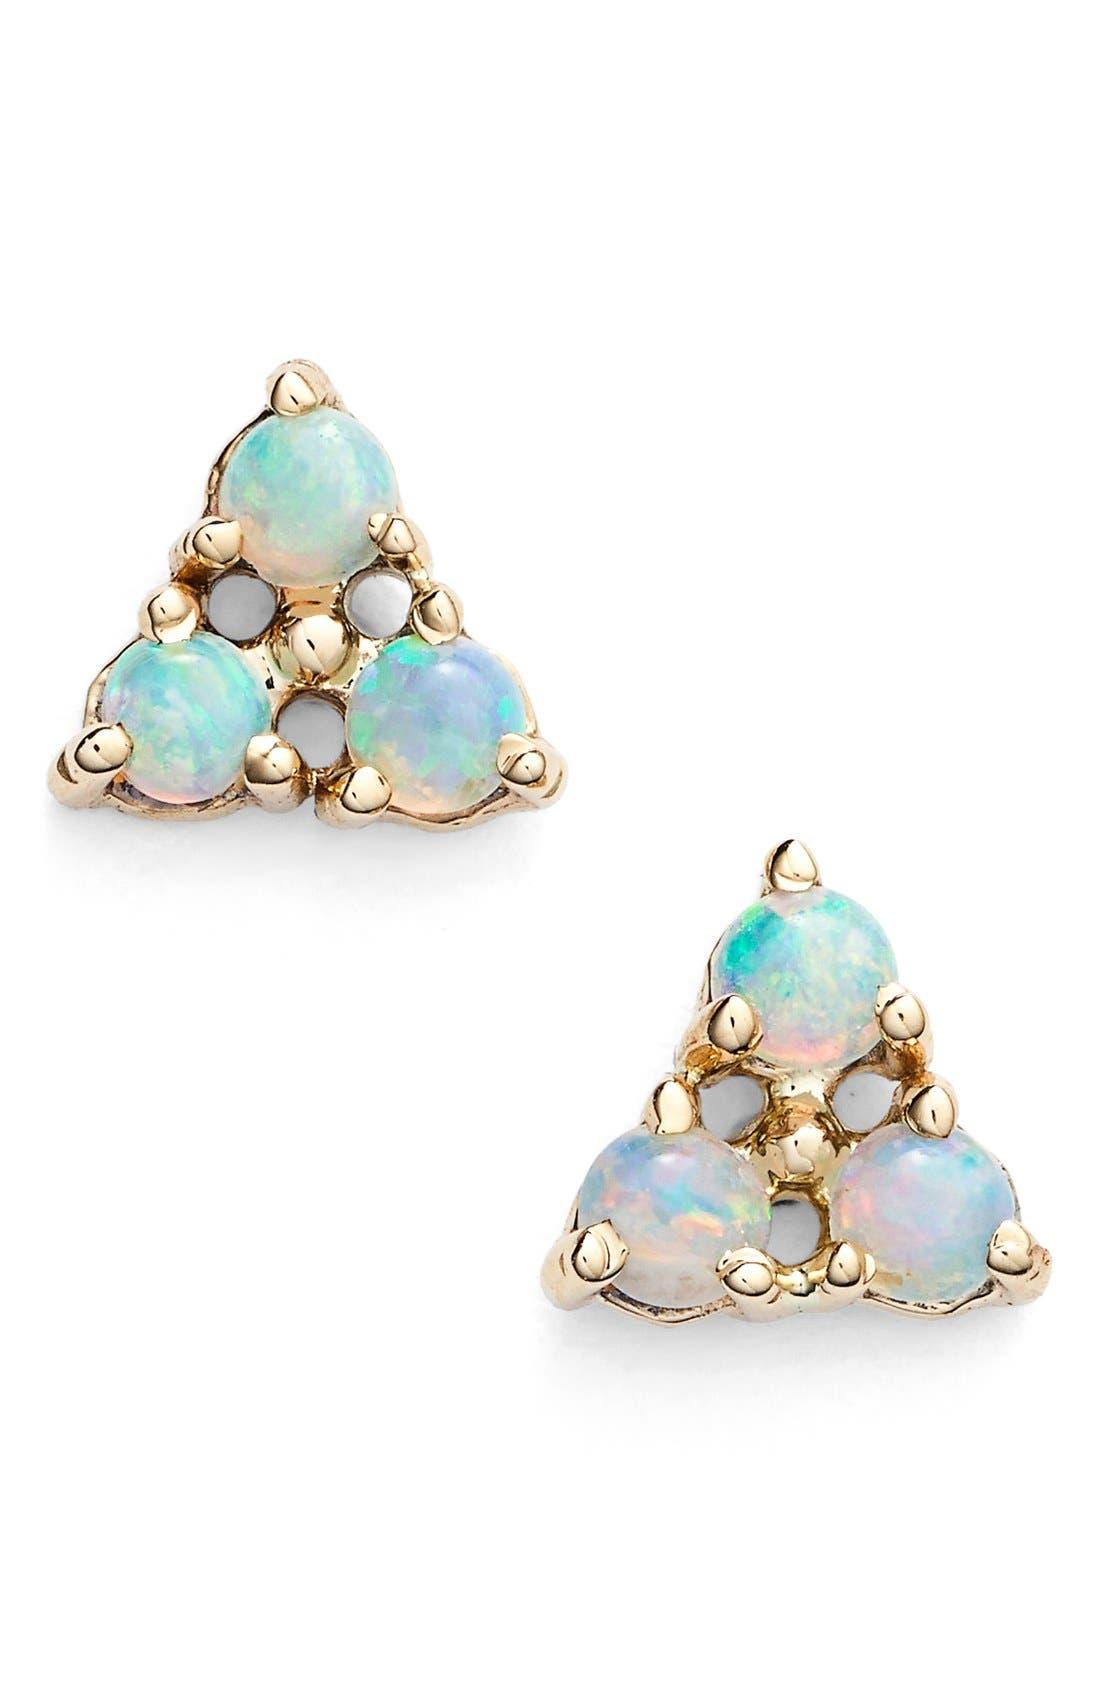 Main Image - WWAKE Triangle Opal Earrings